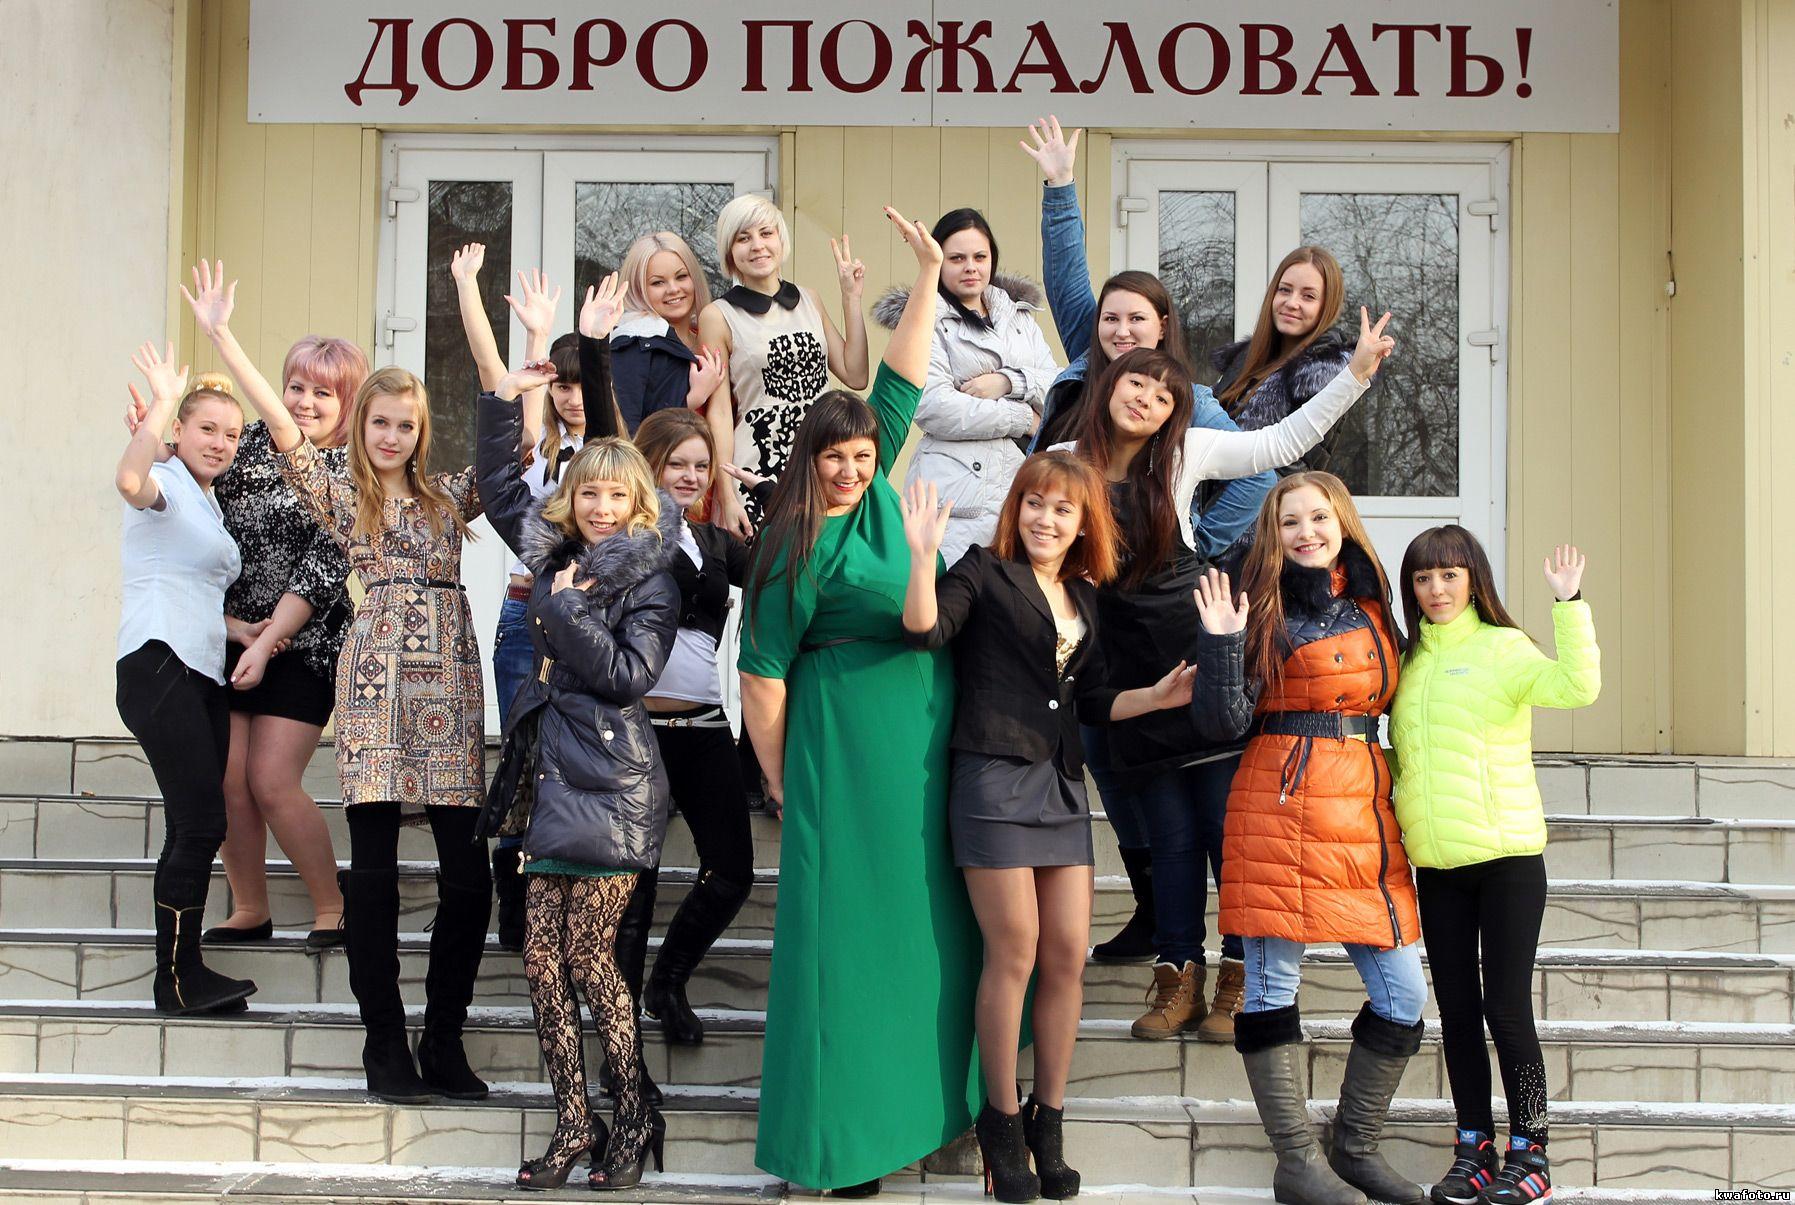 групповое фото на крыльце школы для выпускного альбома, фотокниги